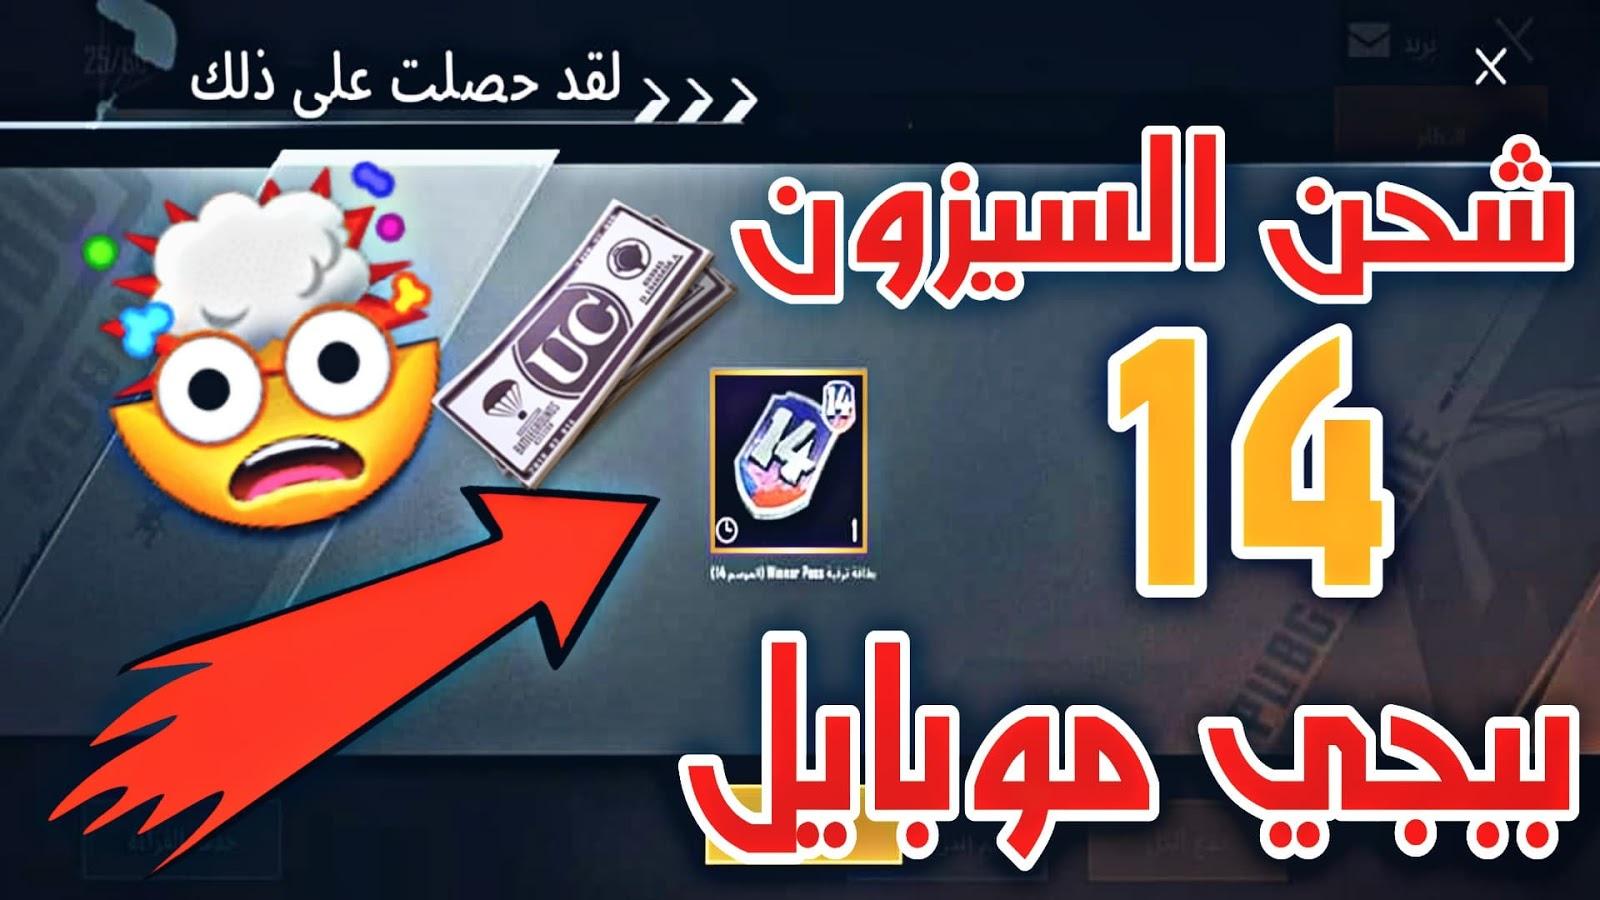 الموقع الرسمي لشحن شدات ببجي